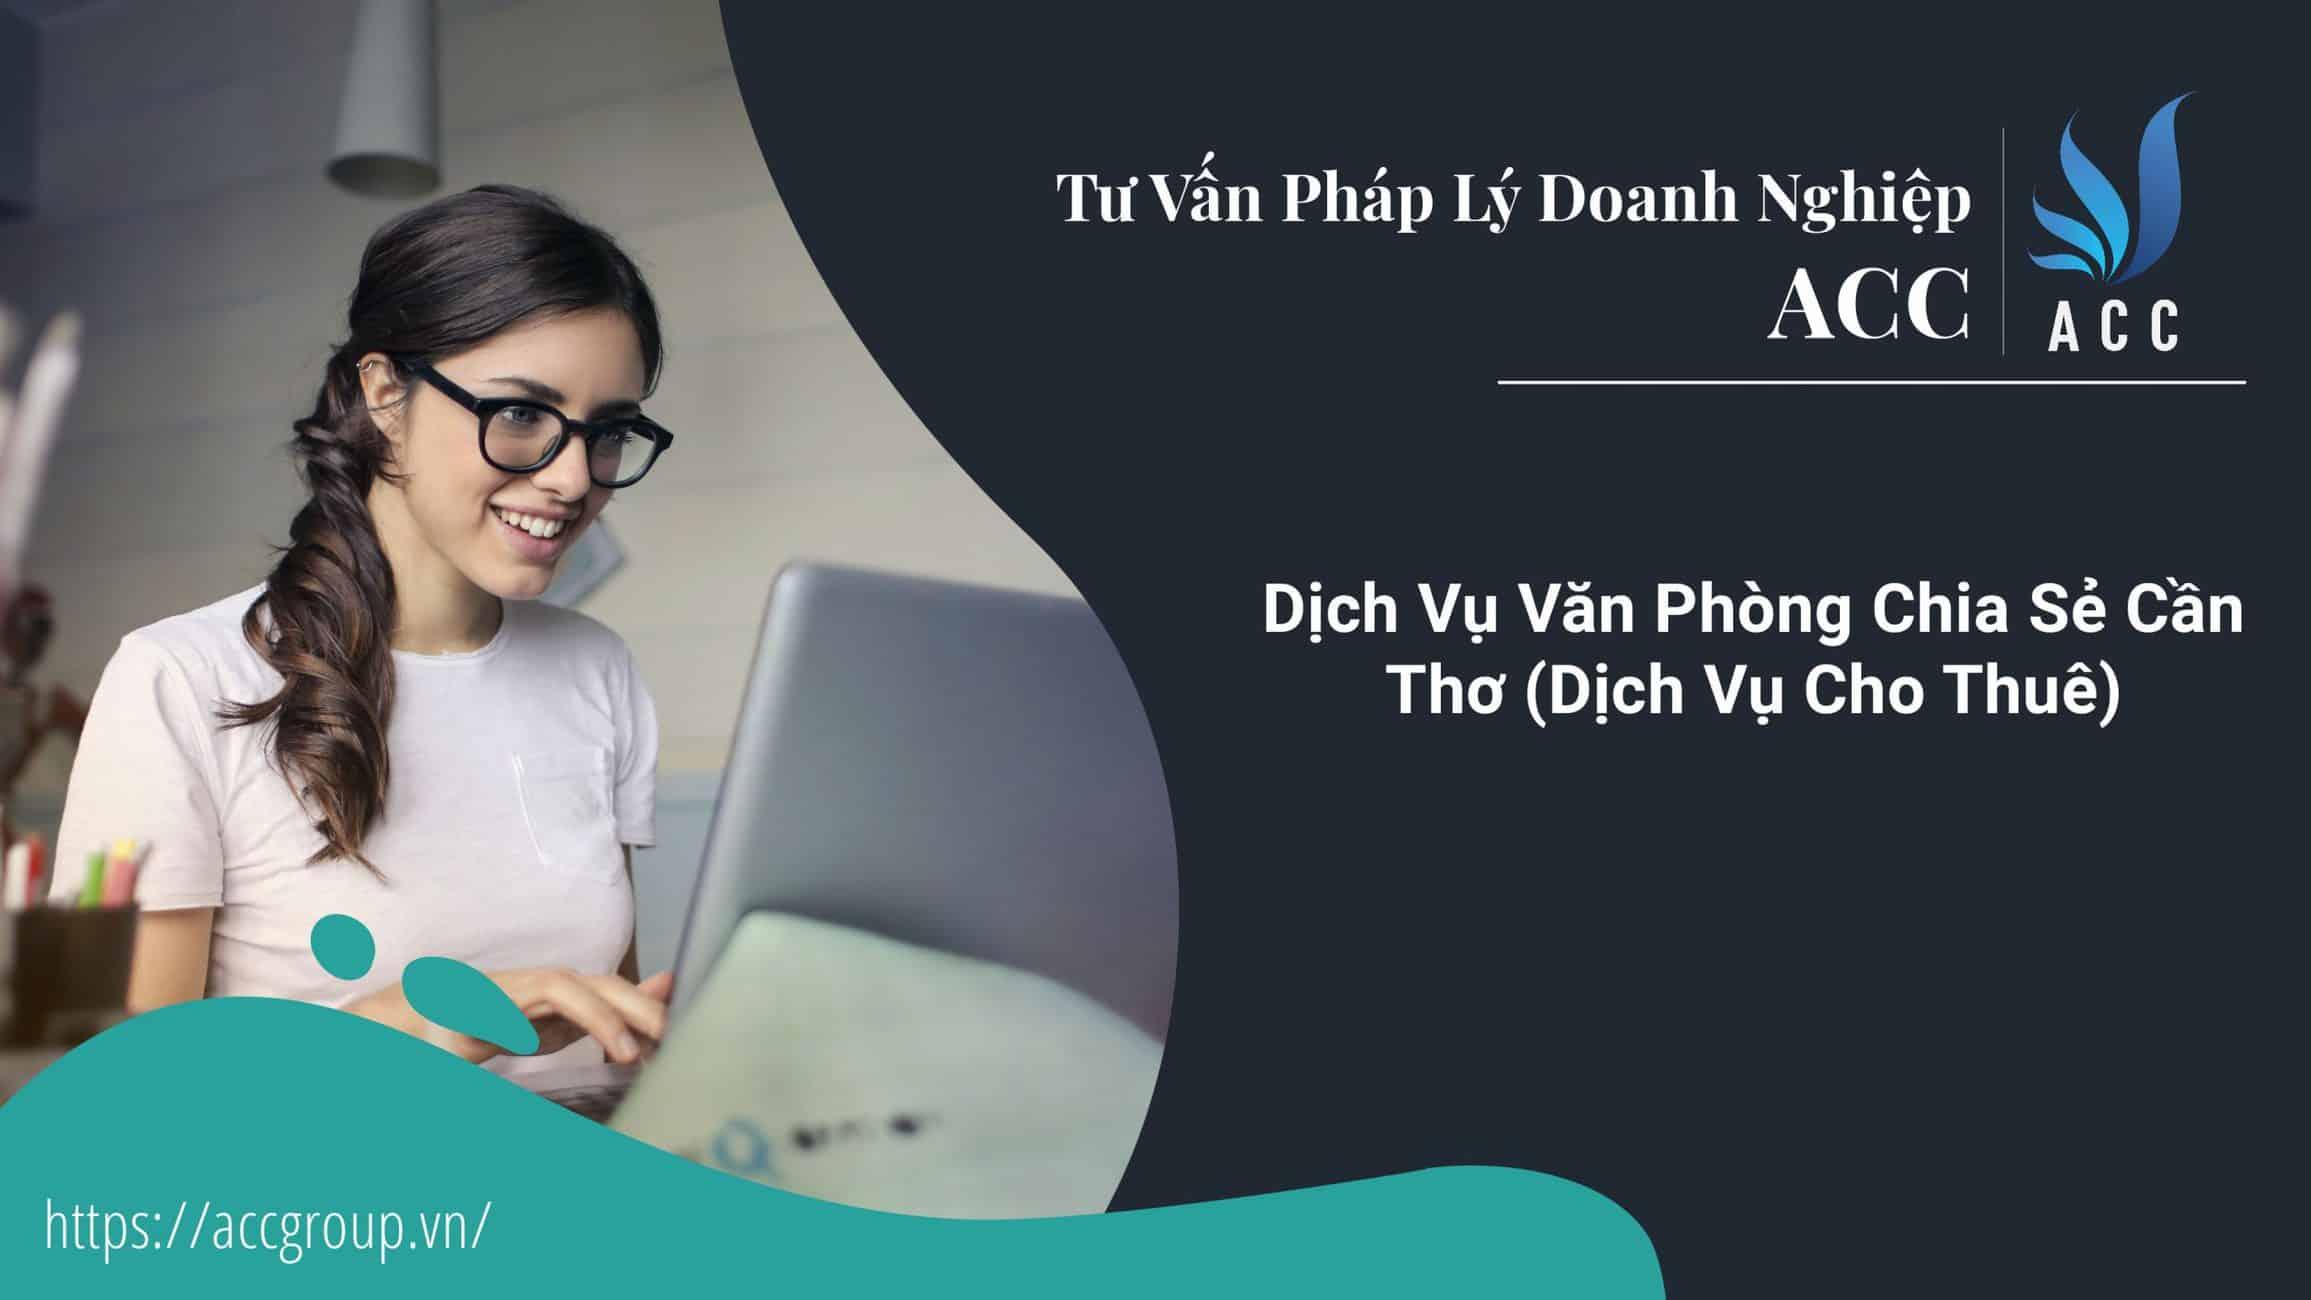 Dịch Vụ Văn Phòng Chia Sẻ Cần Thơ (Dịch Vụ Cho Thuê)